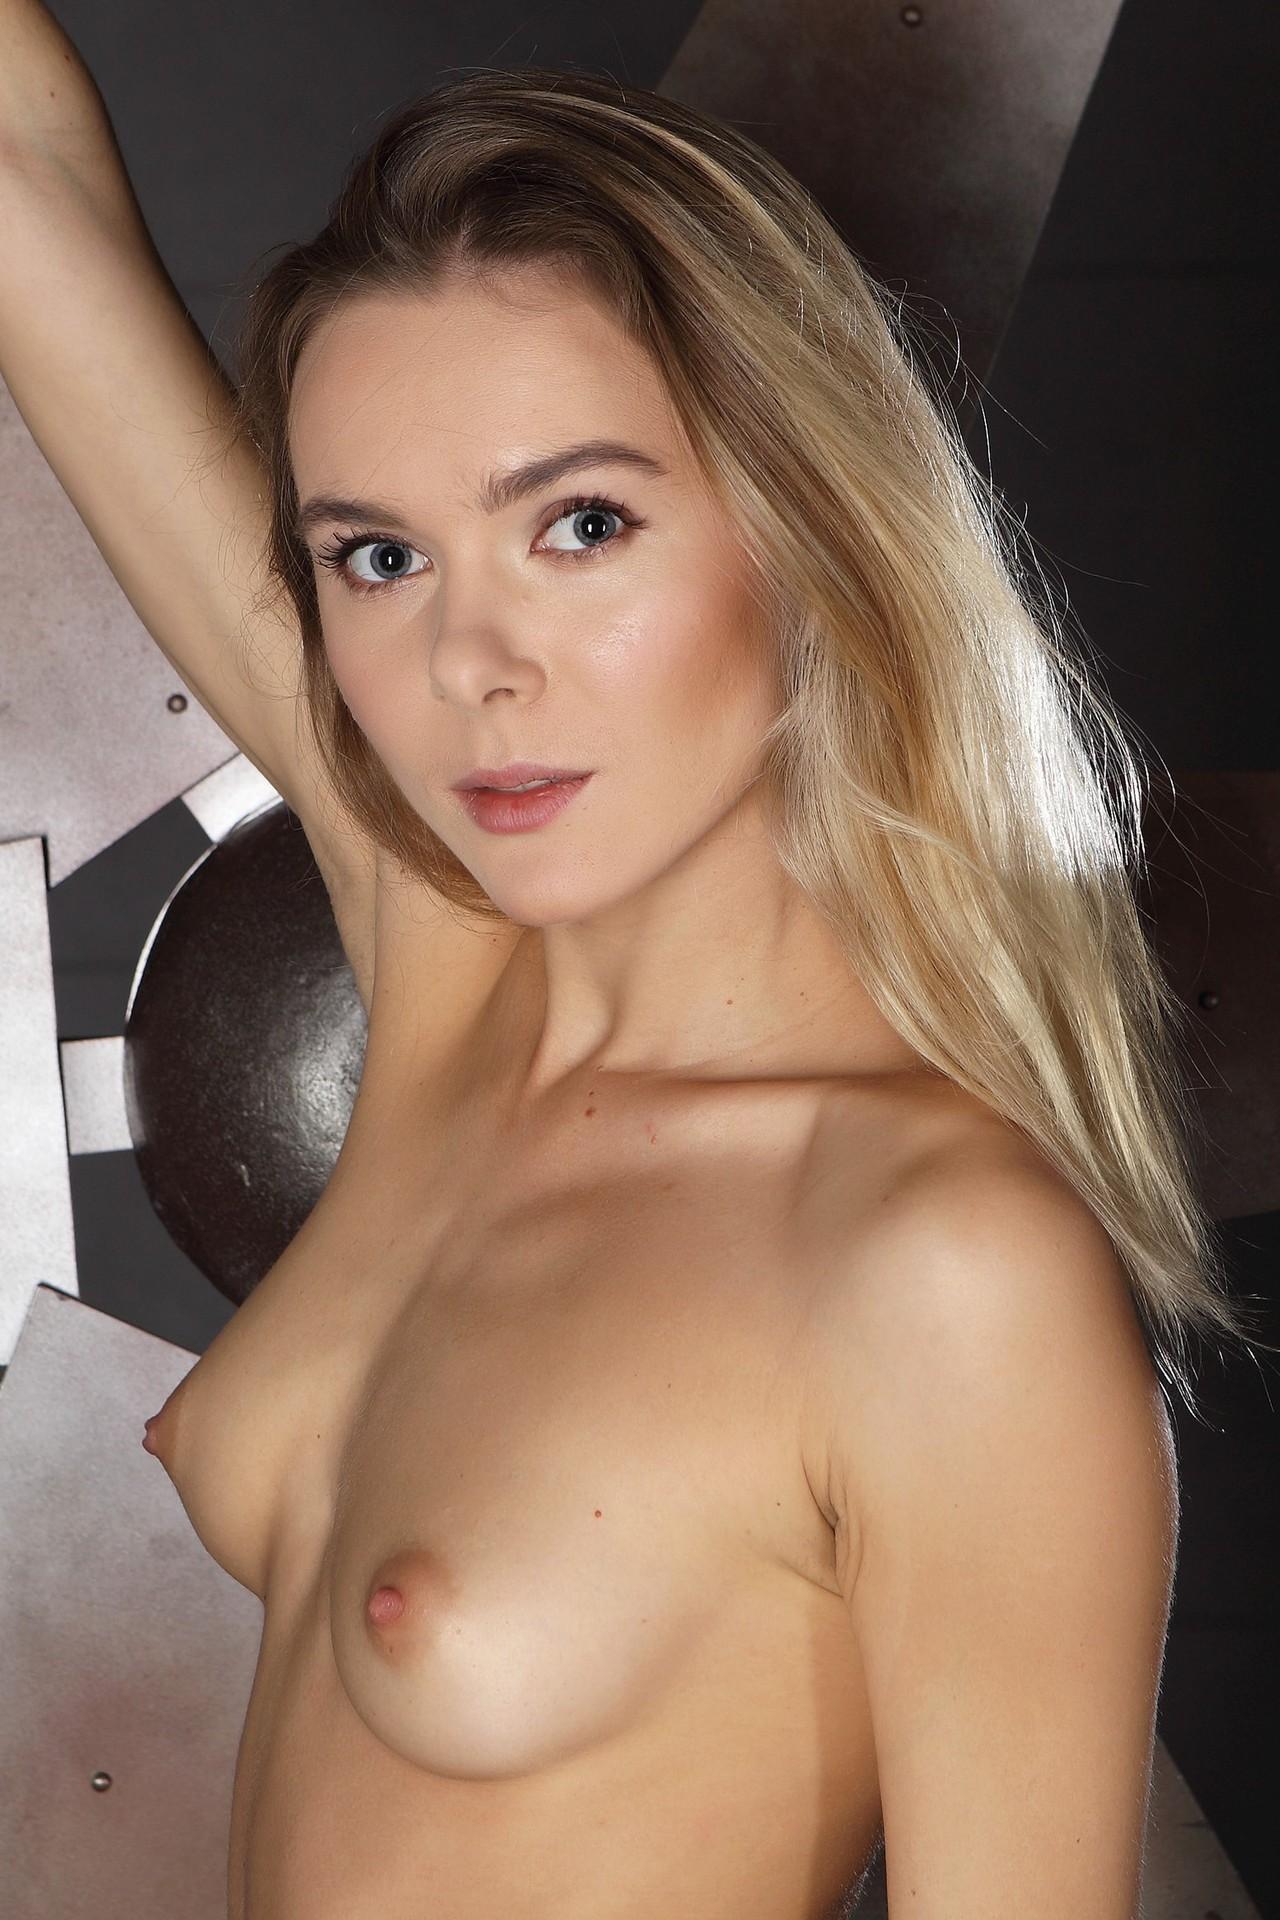 Karissa Diamond